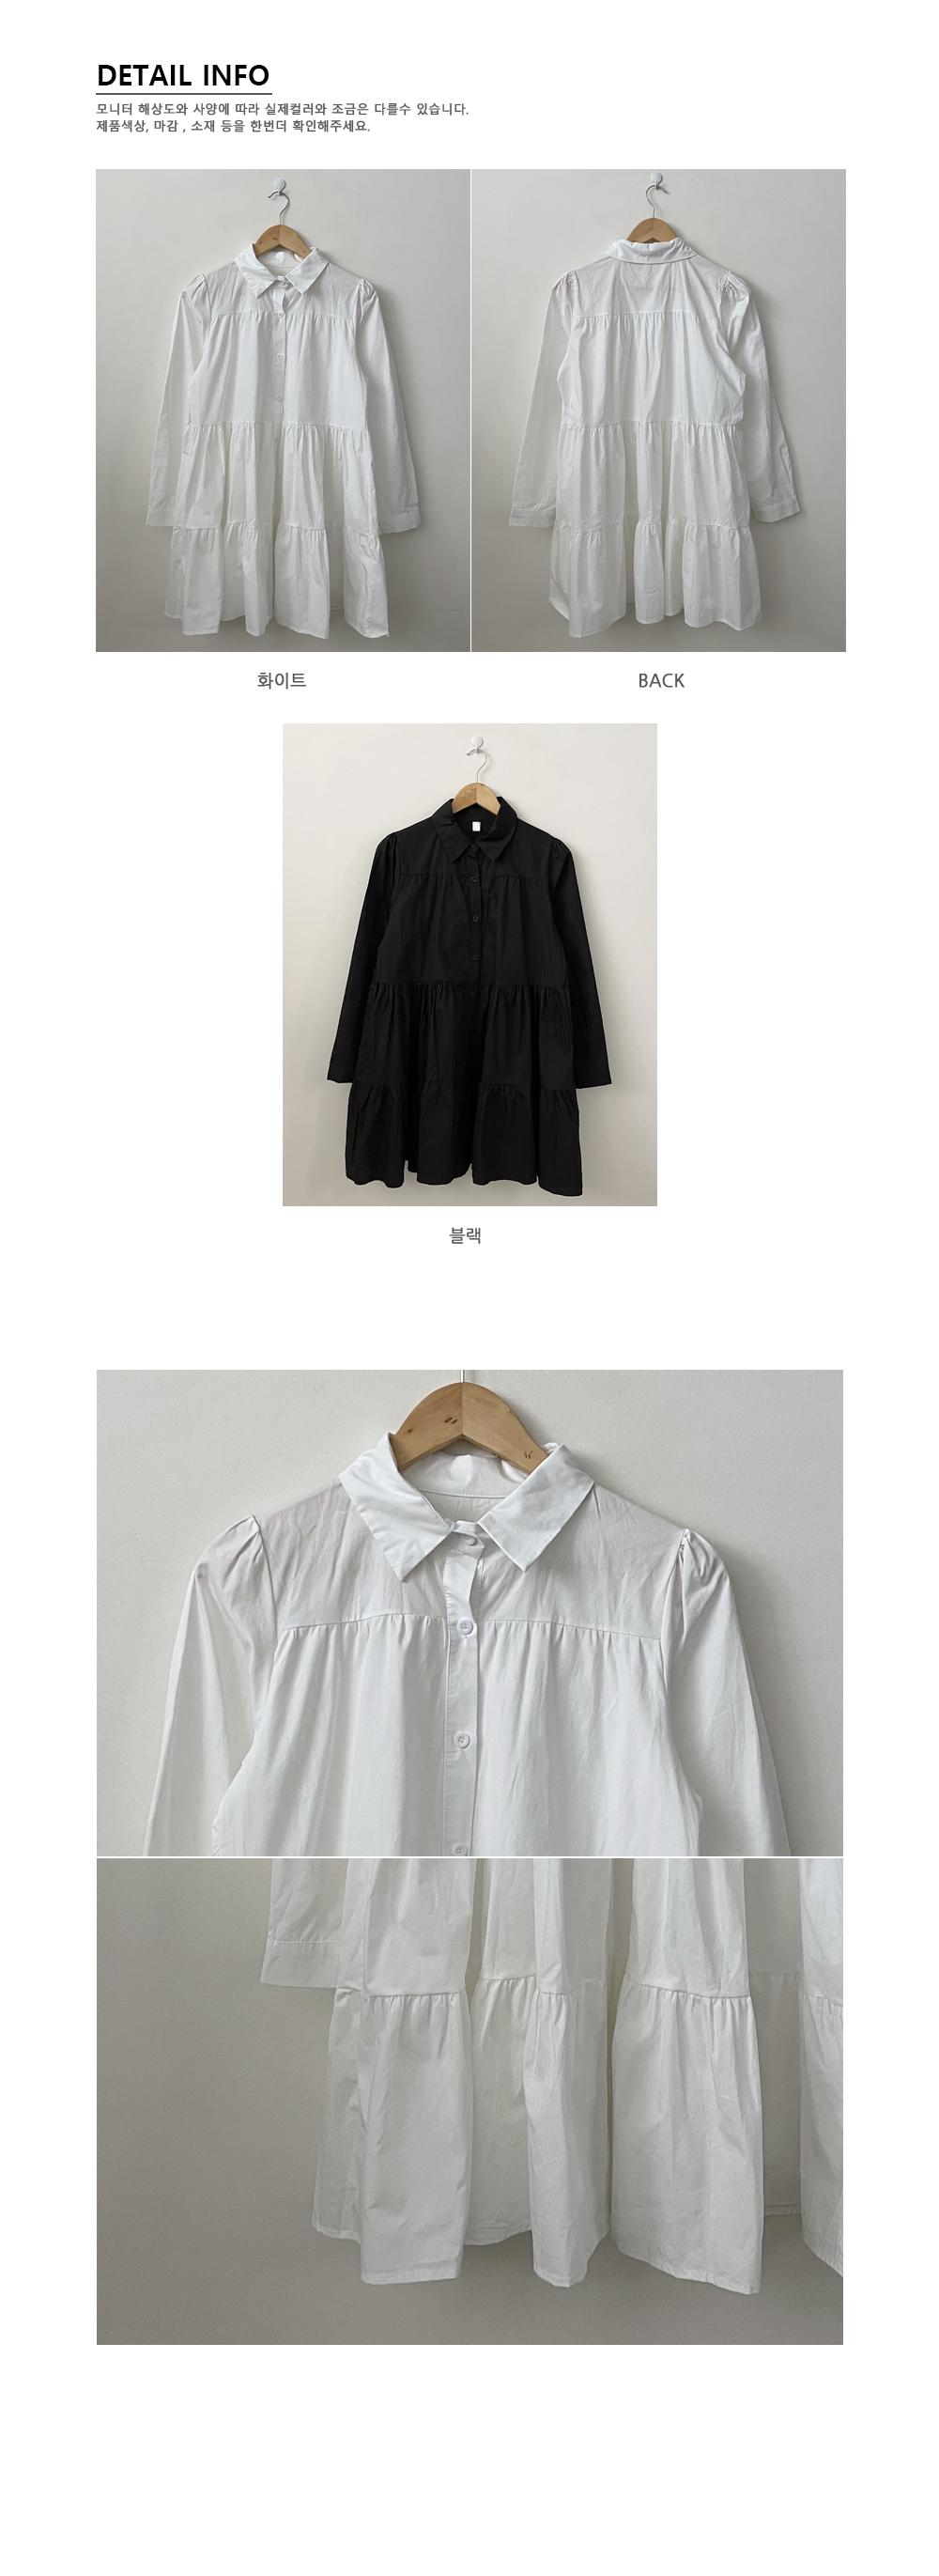 Phillip Shirt Cancan Dress